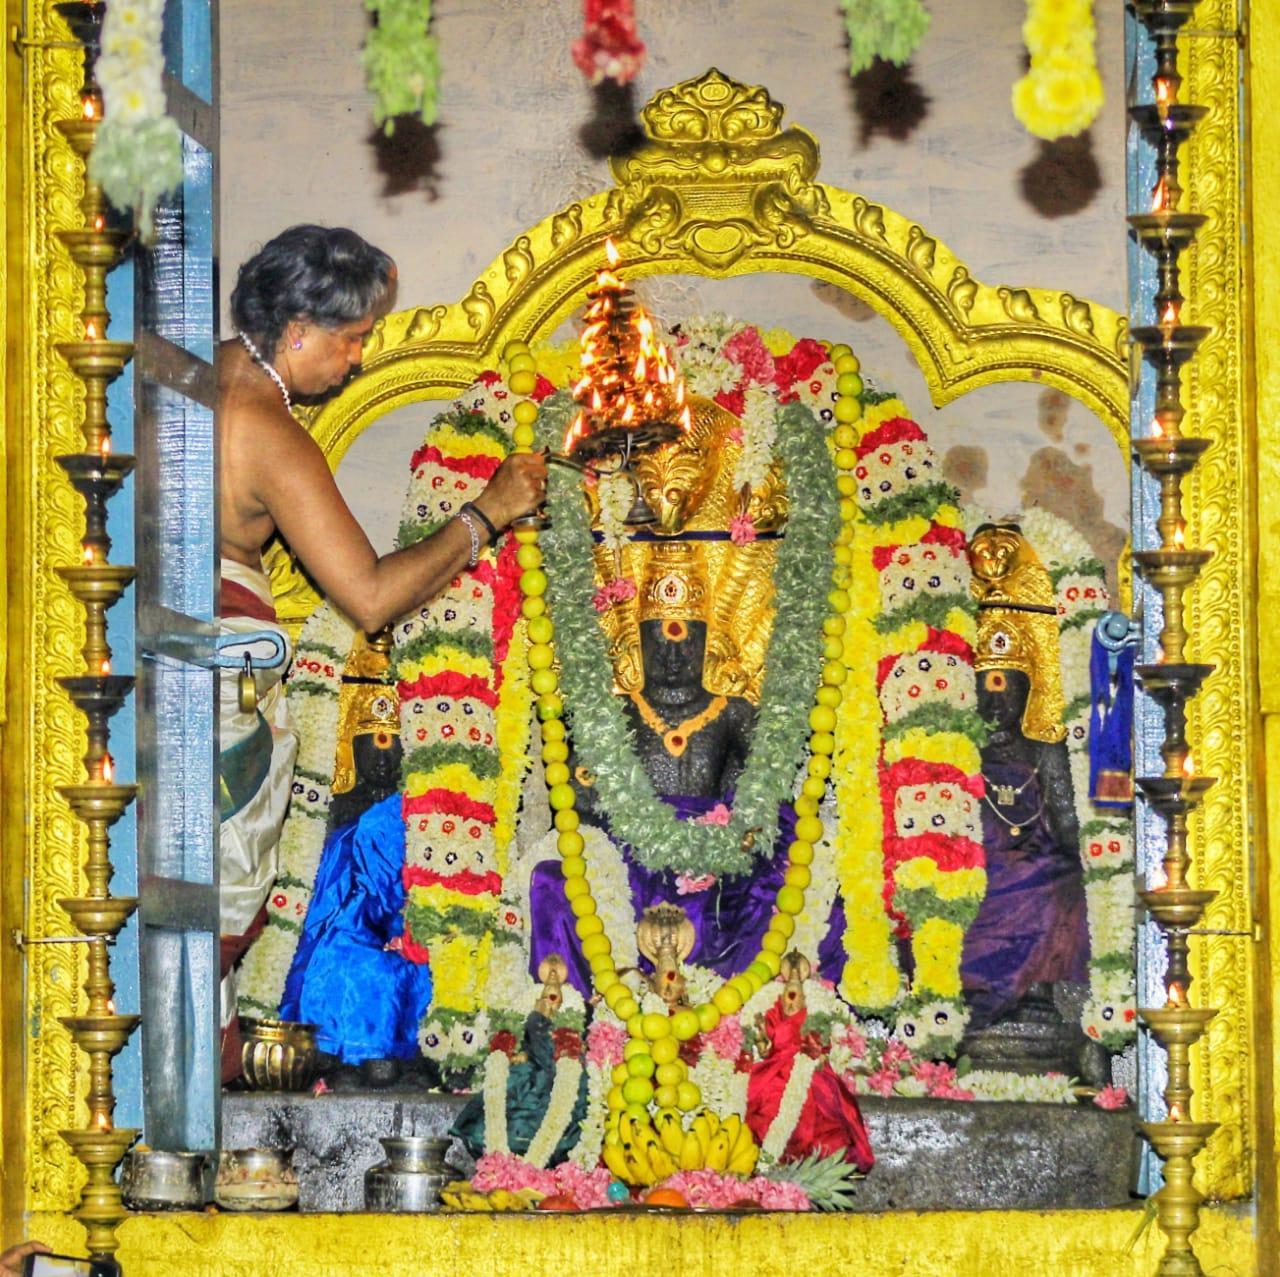 திருநாகேஸ்வரம் ஸ்ரீநாகநாதசுவாமி